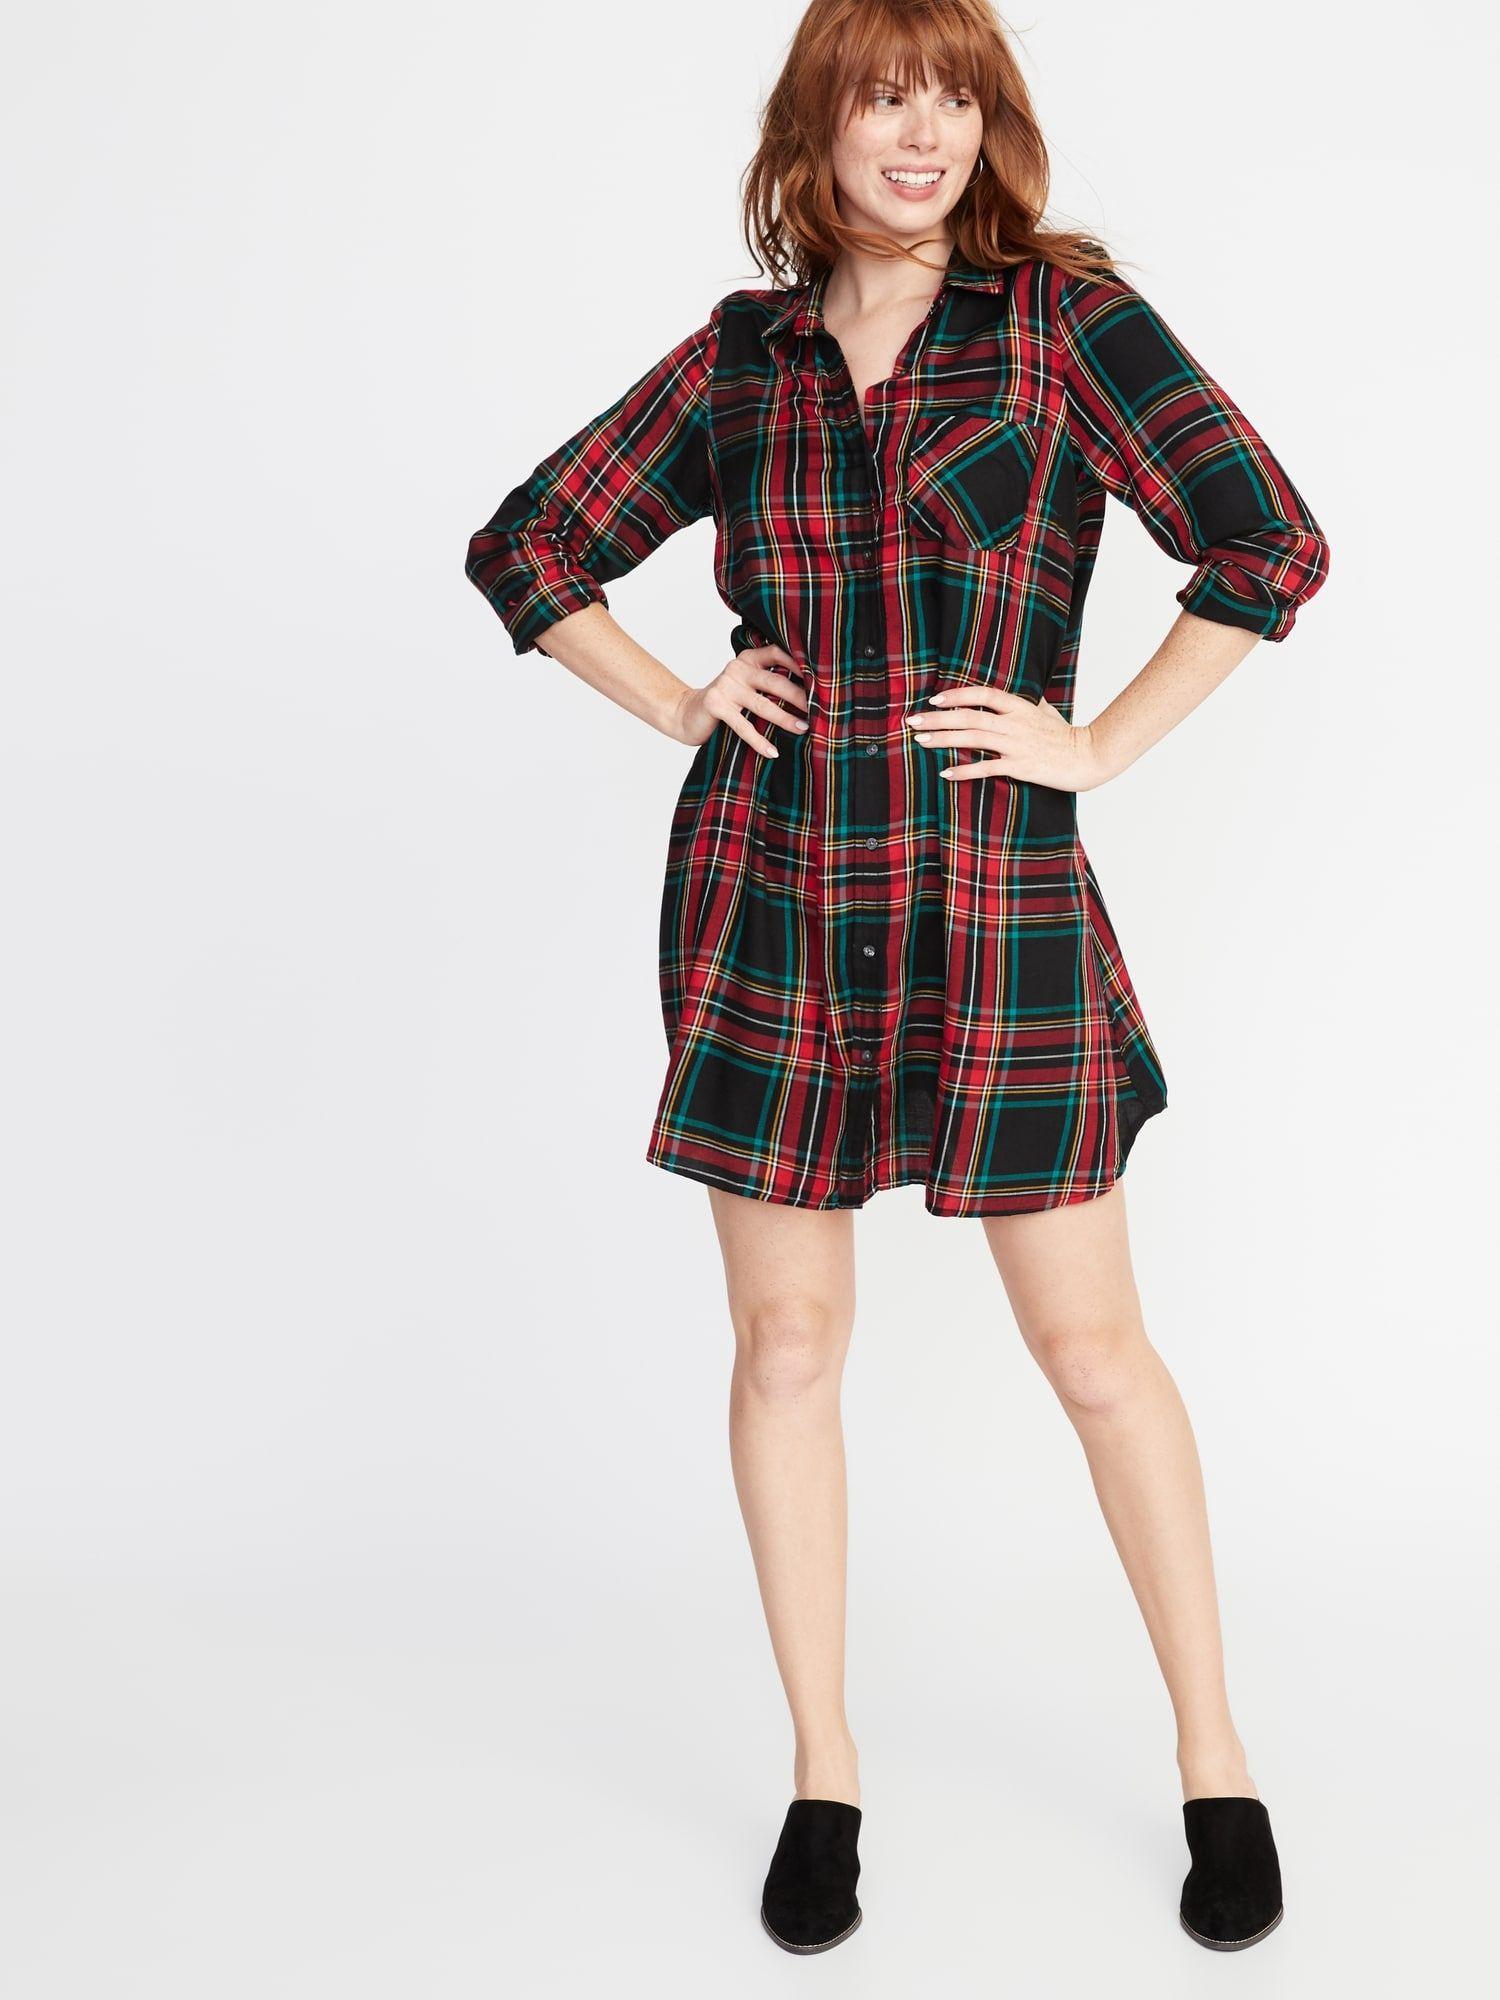 7b325a8b6dc34 product Plaid Dress, Box Pleats, Plaid Pattern, Point Collar, Gap, Scottish